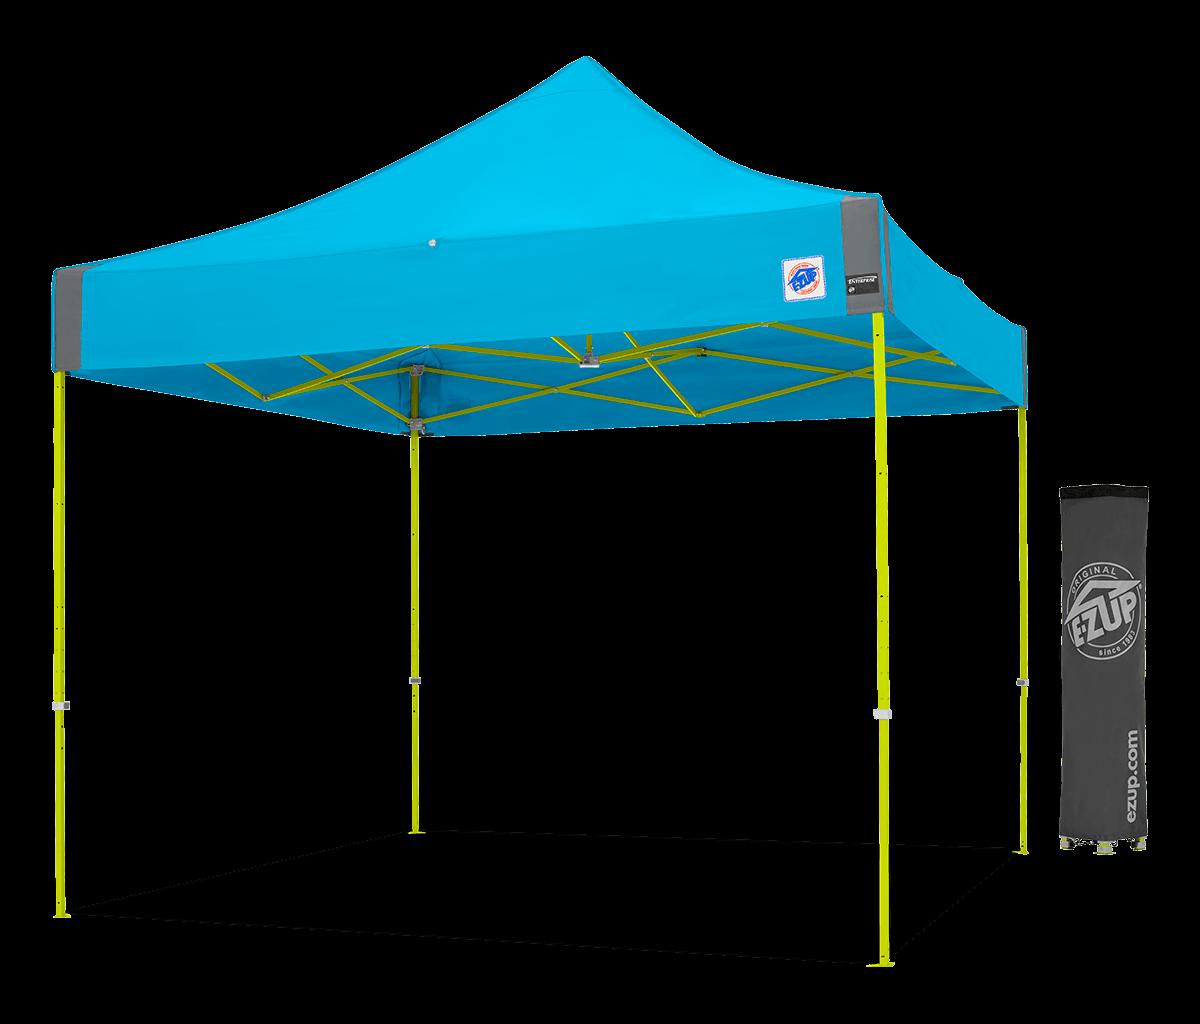 Icanopy enterprise pop up. Clipart tent canopy